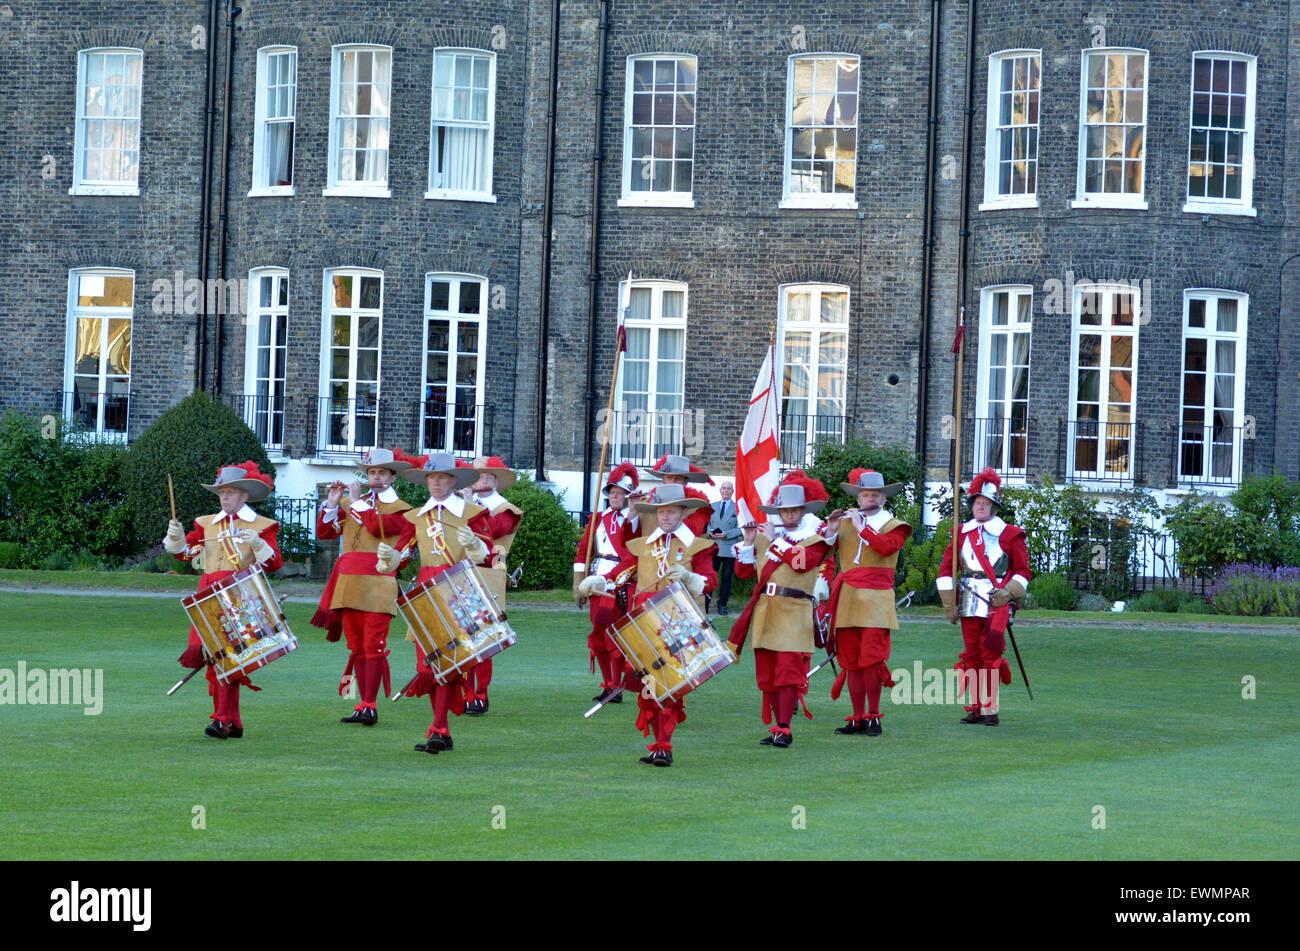 Londres - 14 de mayo de 2015:Piqueros y mosqueteros de la Honorable Compañía de artillería desfile Imagen De Stock